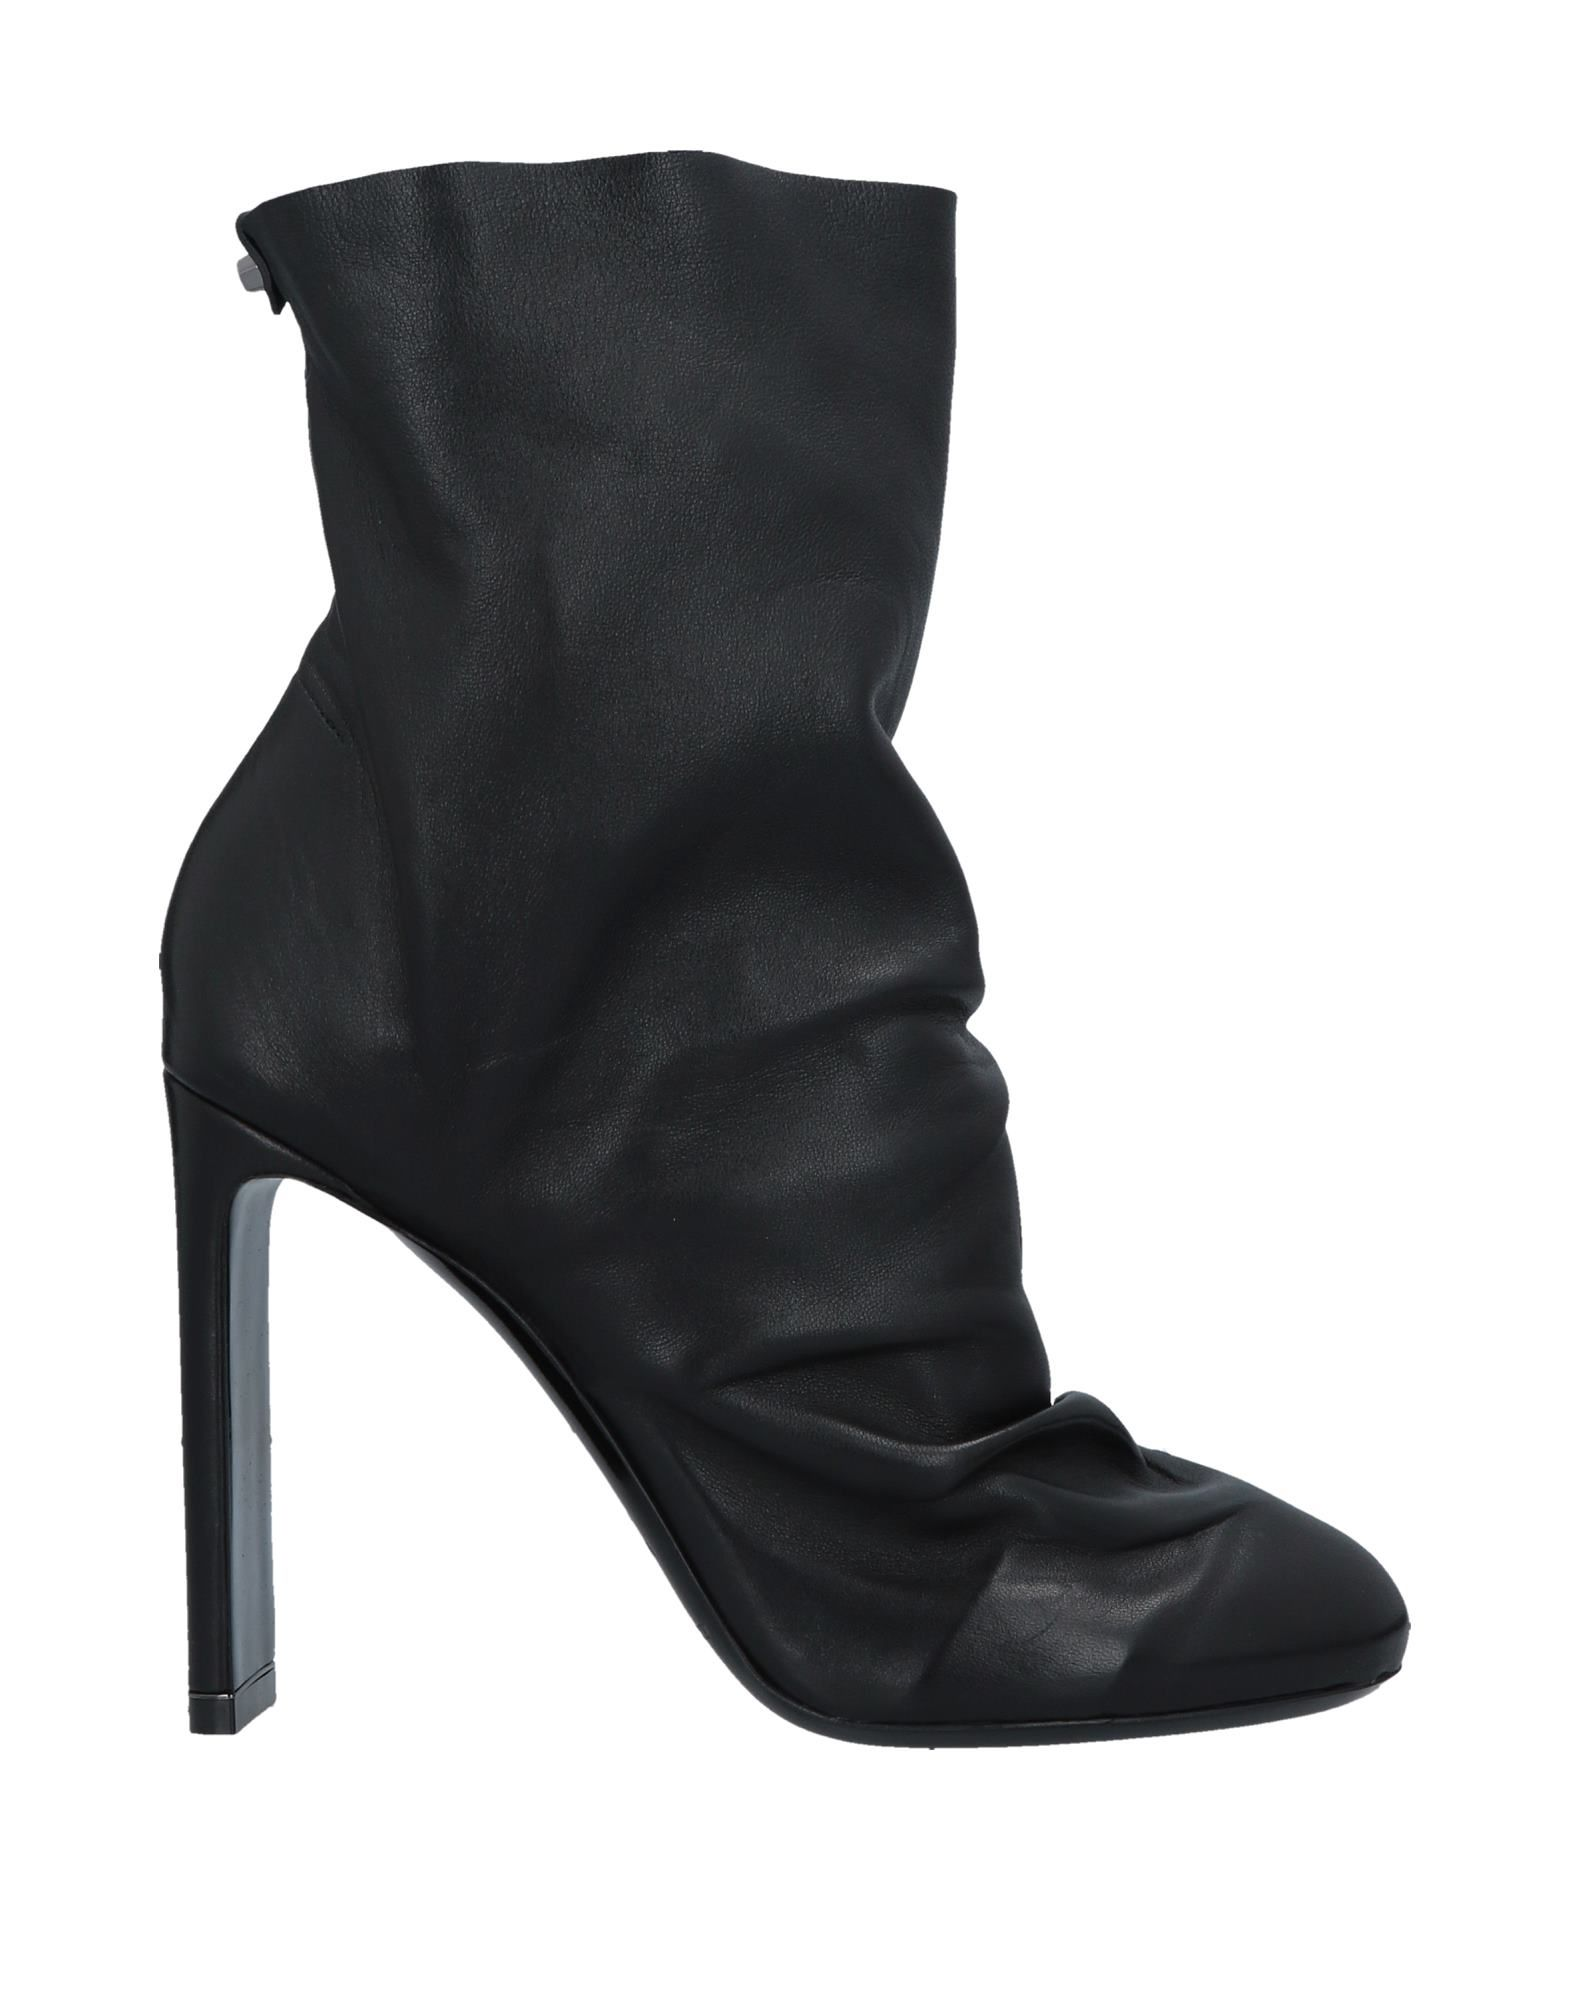 Nicholas Kirkwood Leathers Ankle boot